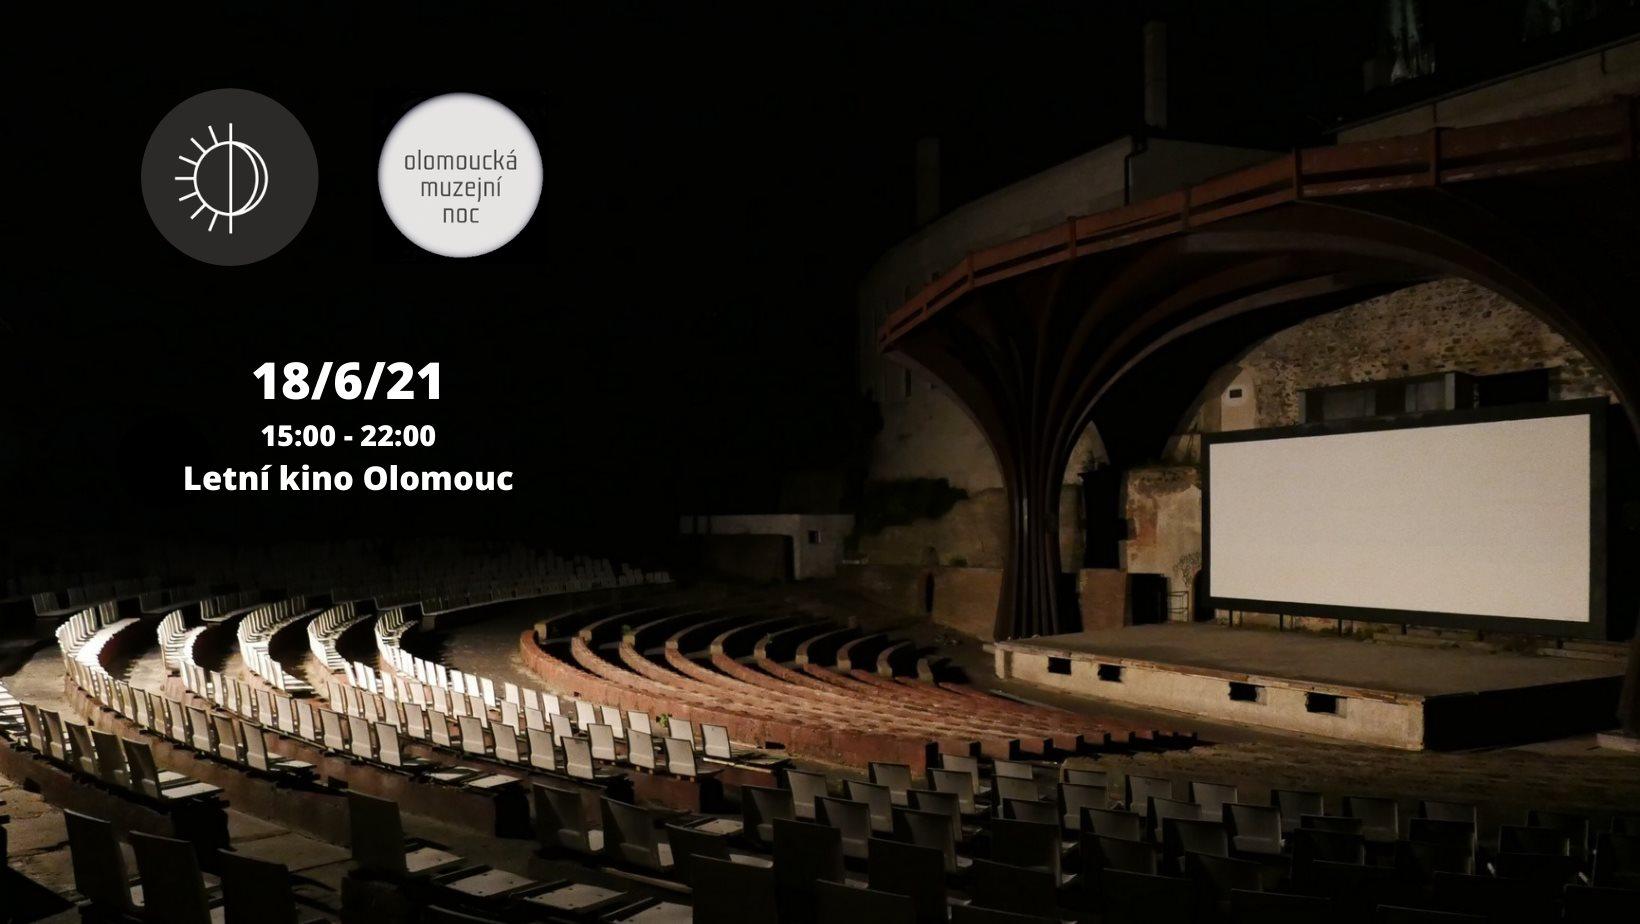 Olomoucká muzejní noc v Letním kině